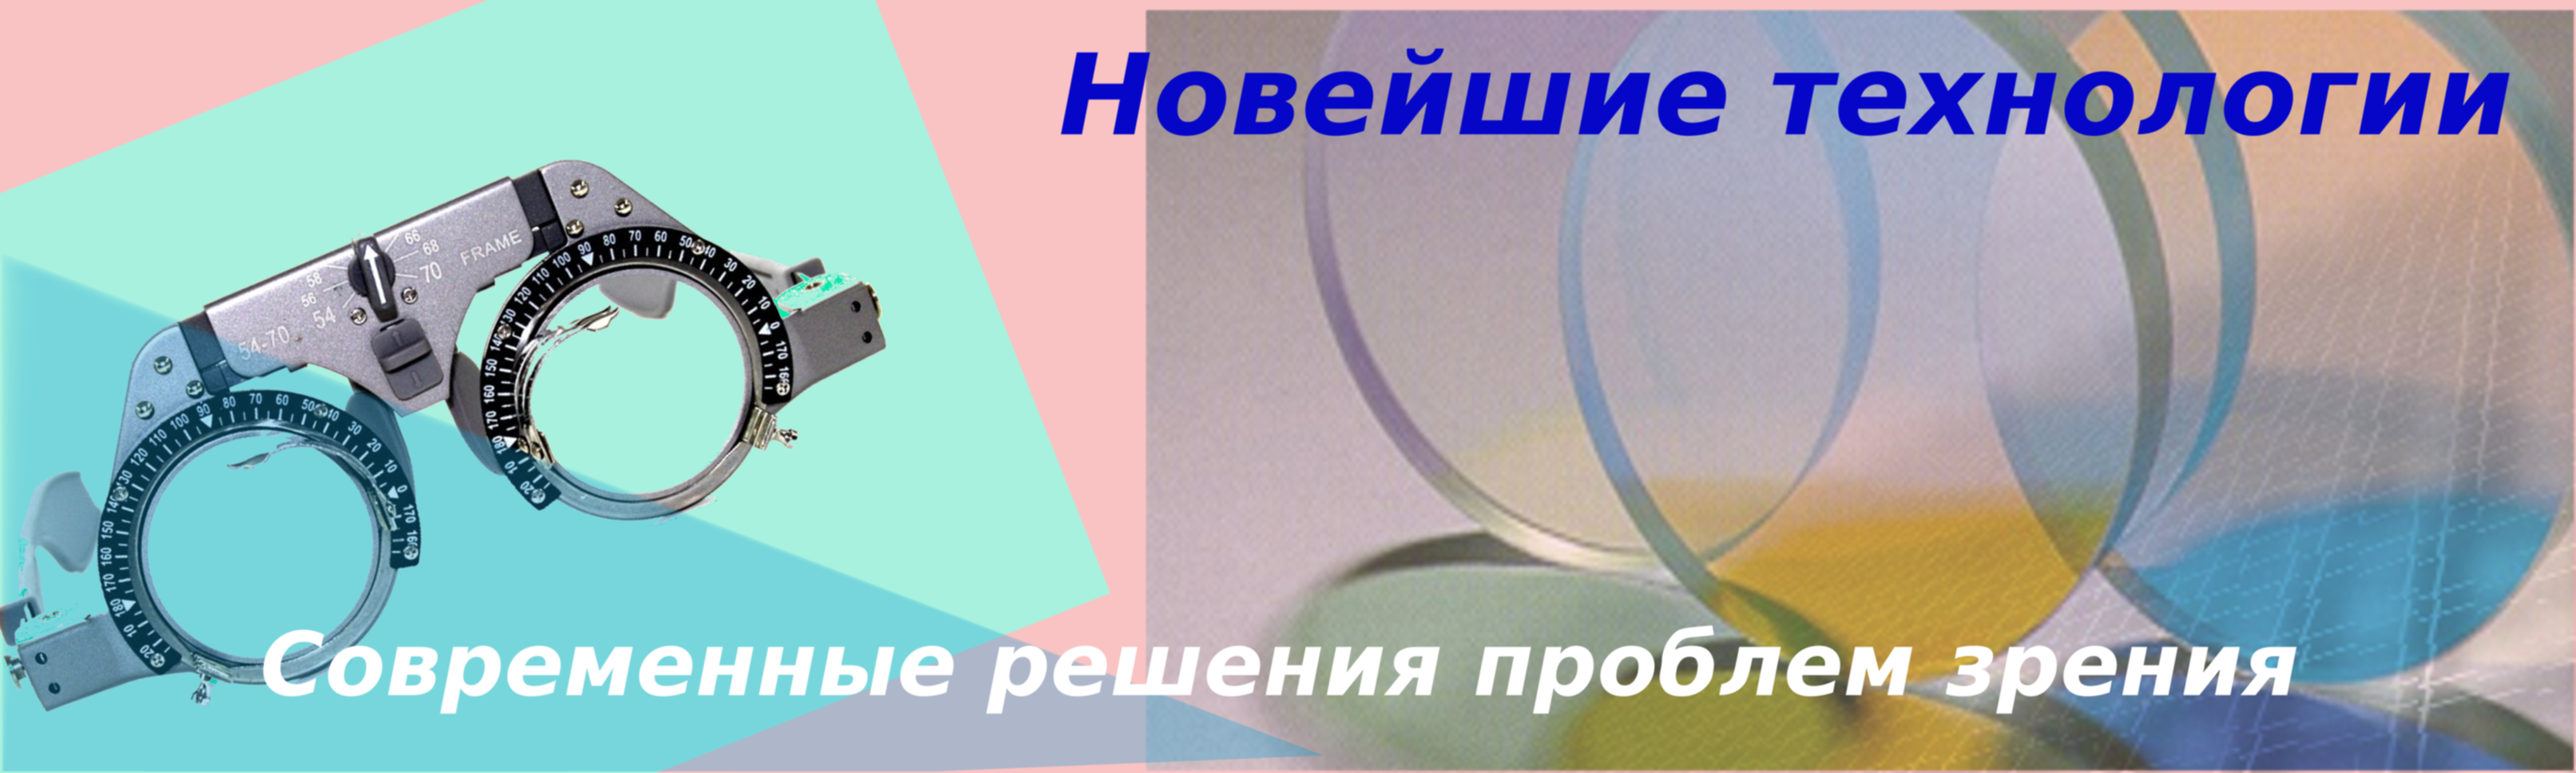 Создание нескольких графических панно для оптической компани фото f_091590e16bc12e78.jpg